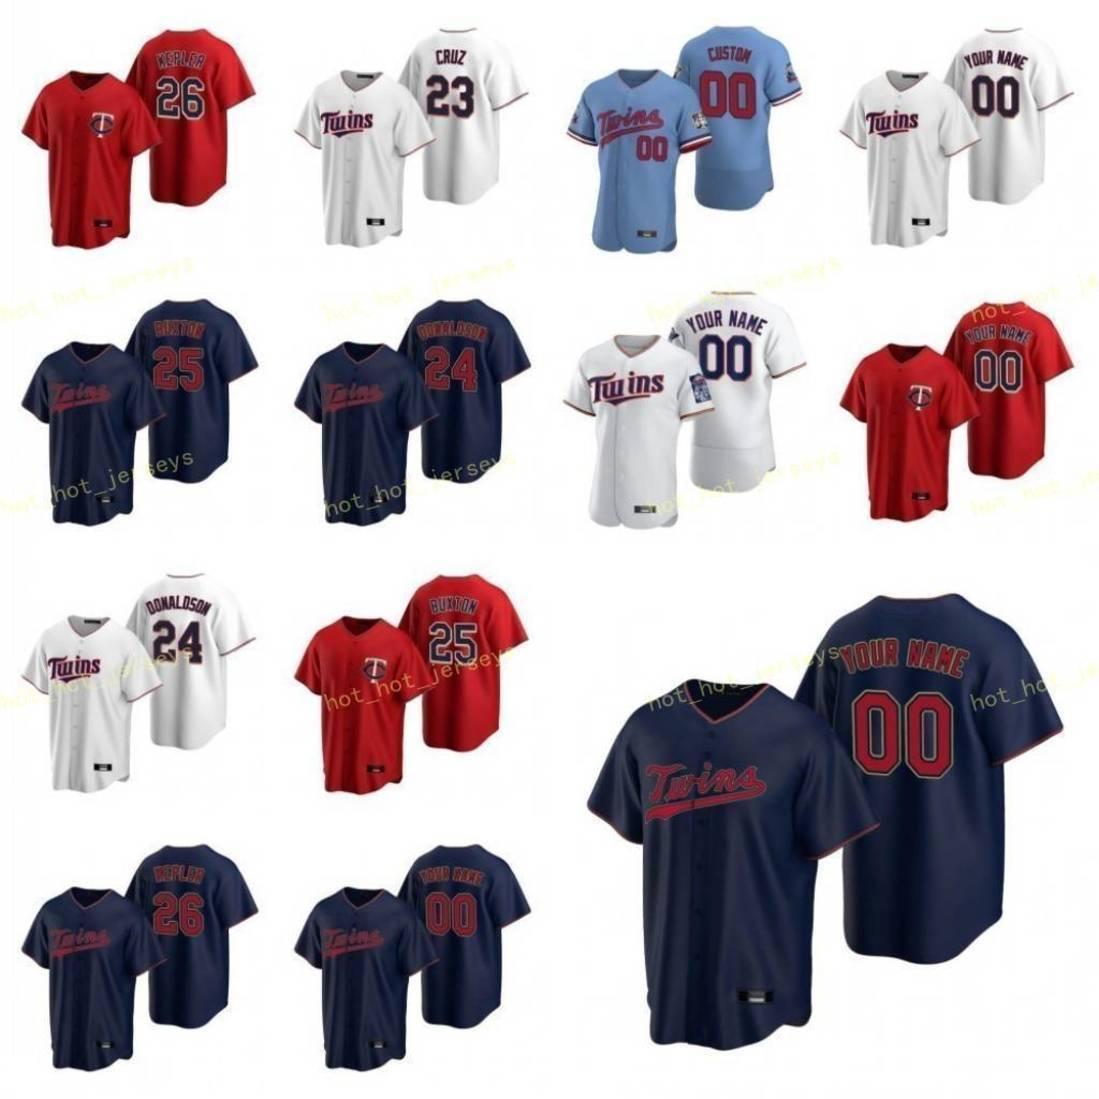 Cruz نيلسون 23 البيسبول جيرسي دوبنك راندي 68 دونالدسون جوش 20 دوف تايلر 21 جارفر ميتش 8 مخصص الرجال الاطفال النساء غرزة